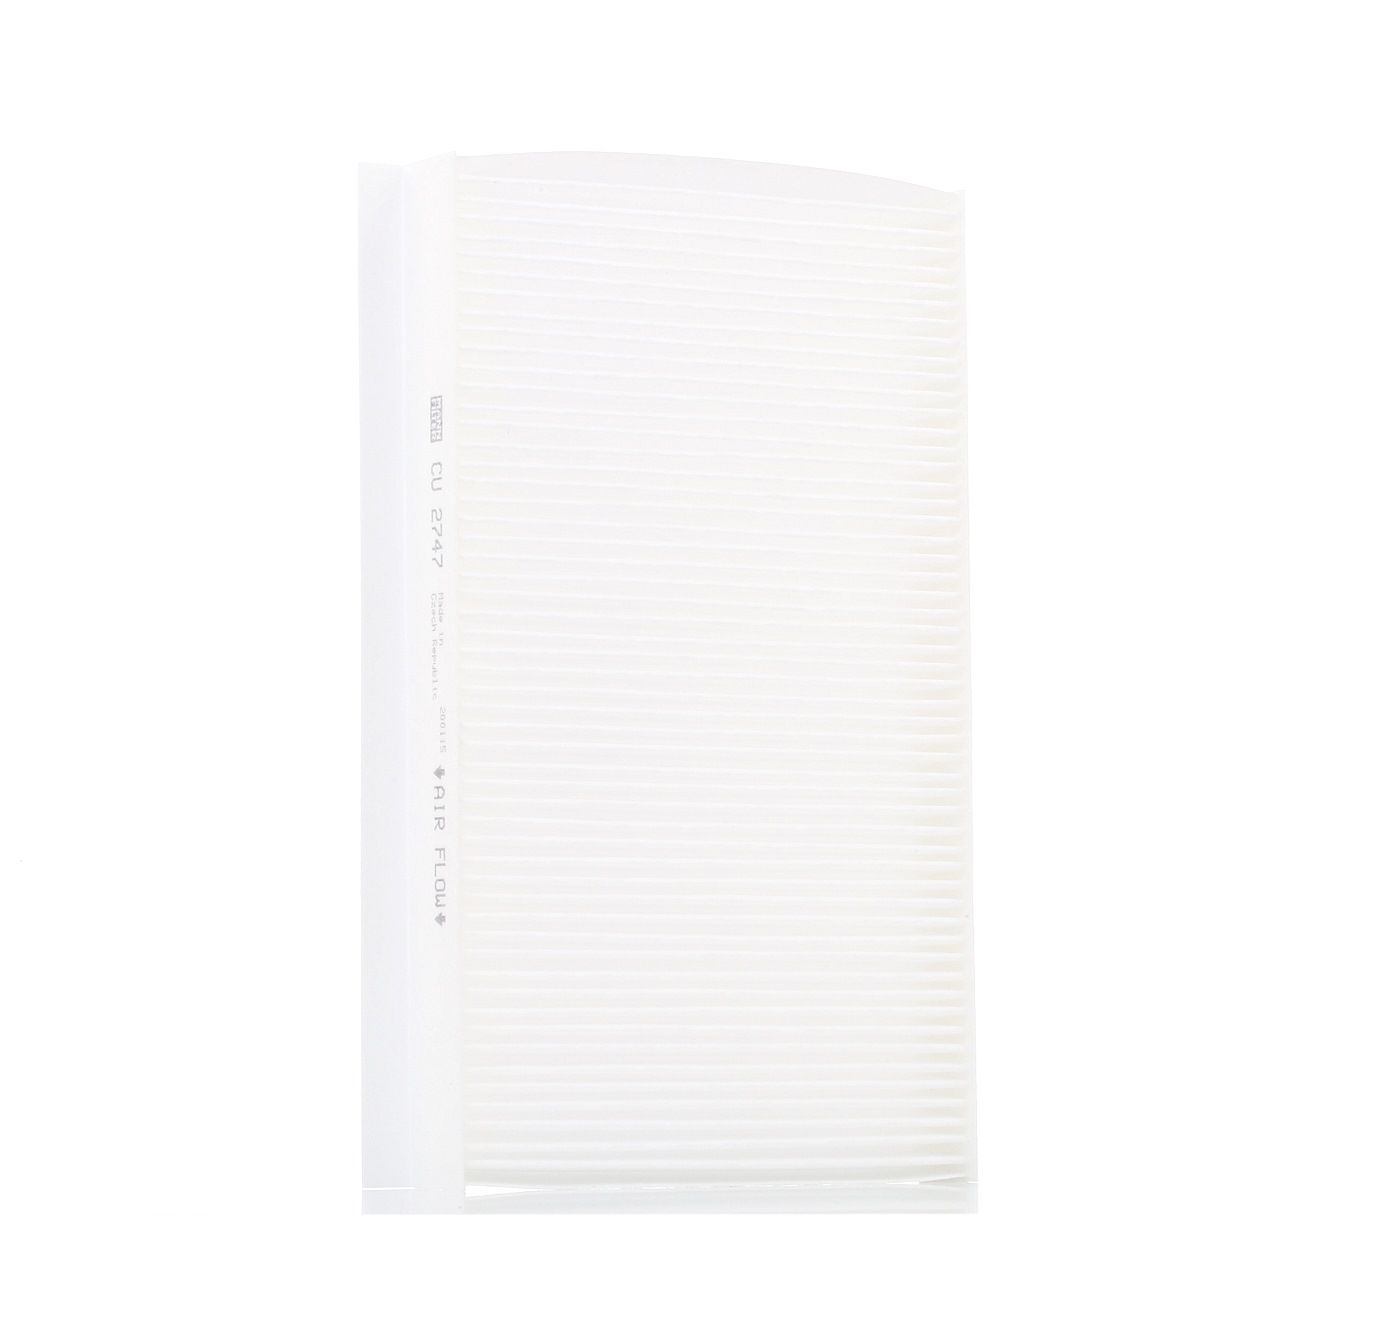 Image of MANN-FILTER Pollen Filter LAND ROVER CU 2747 JKR500010 Cabin Filter,Cabin Air Filter,Filter, interior air